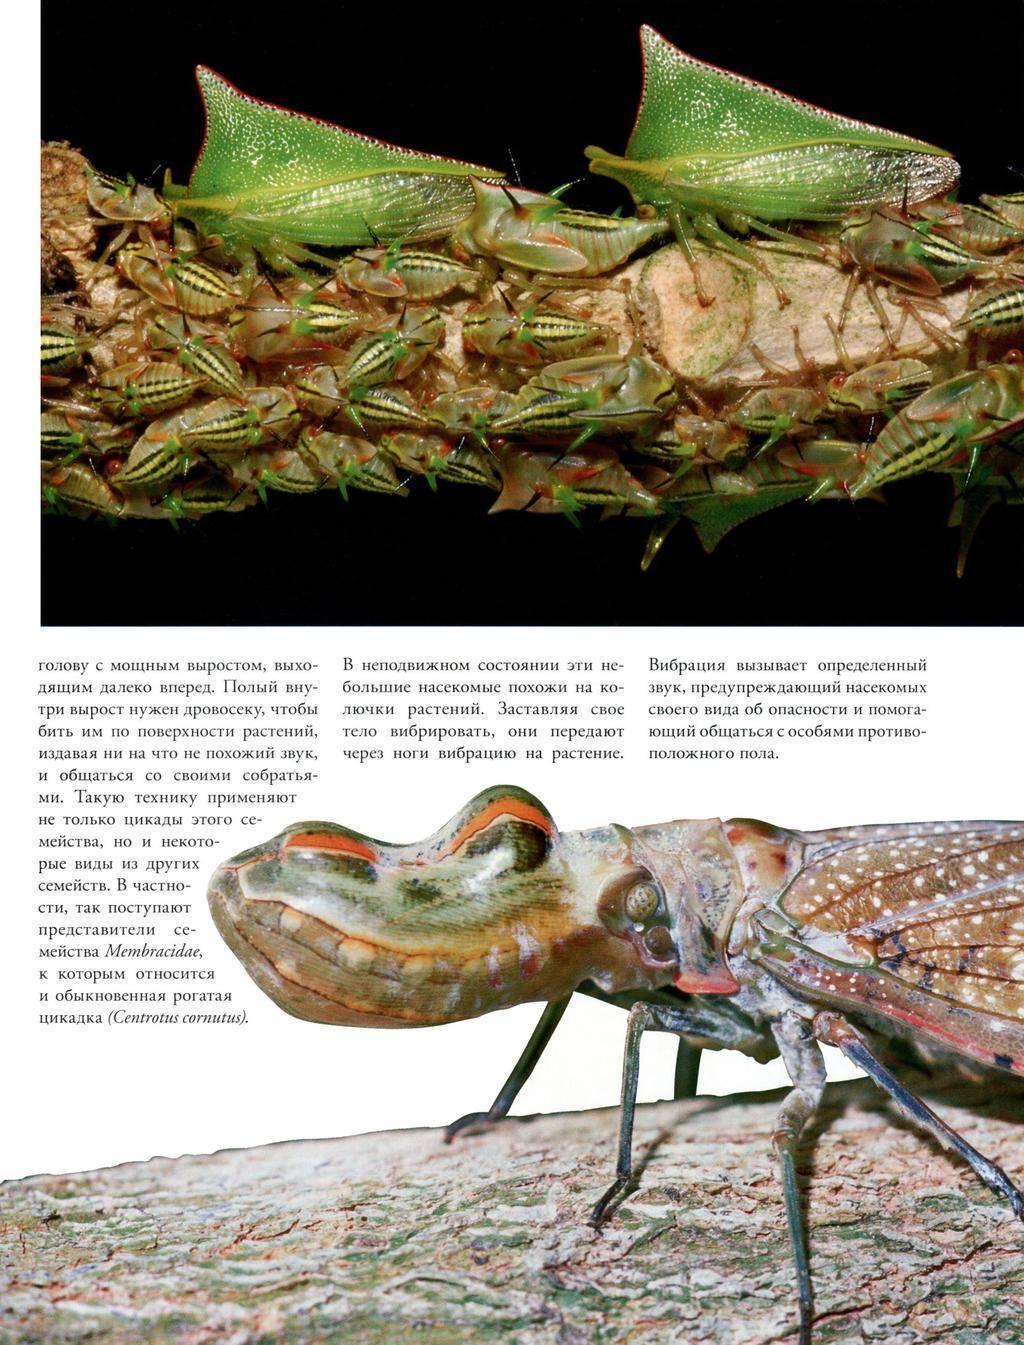 Цикады хорошо приспособлены к питанию соками растений. продолговатая голова причудливой формы характерна для цикадок семейства fulgoridaeв частности для. - презентация